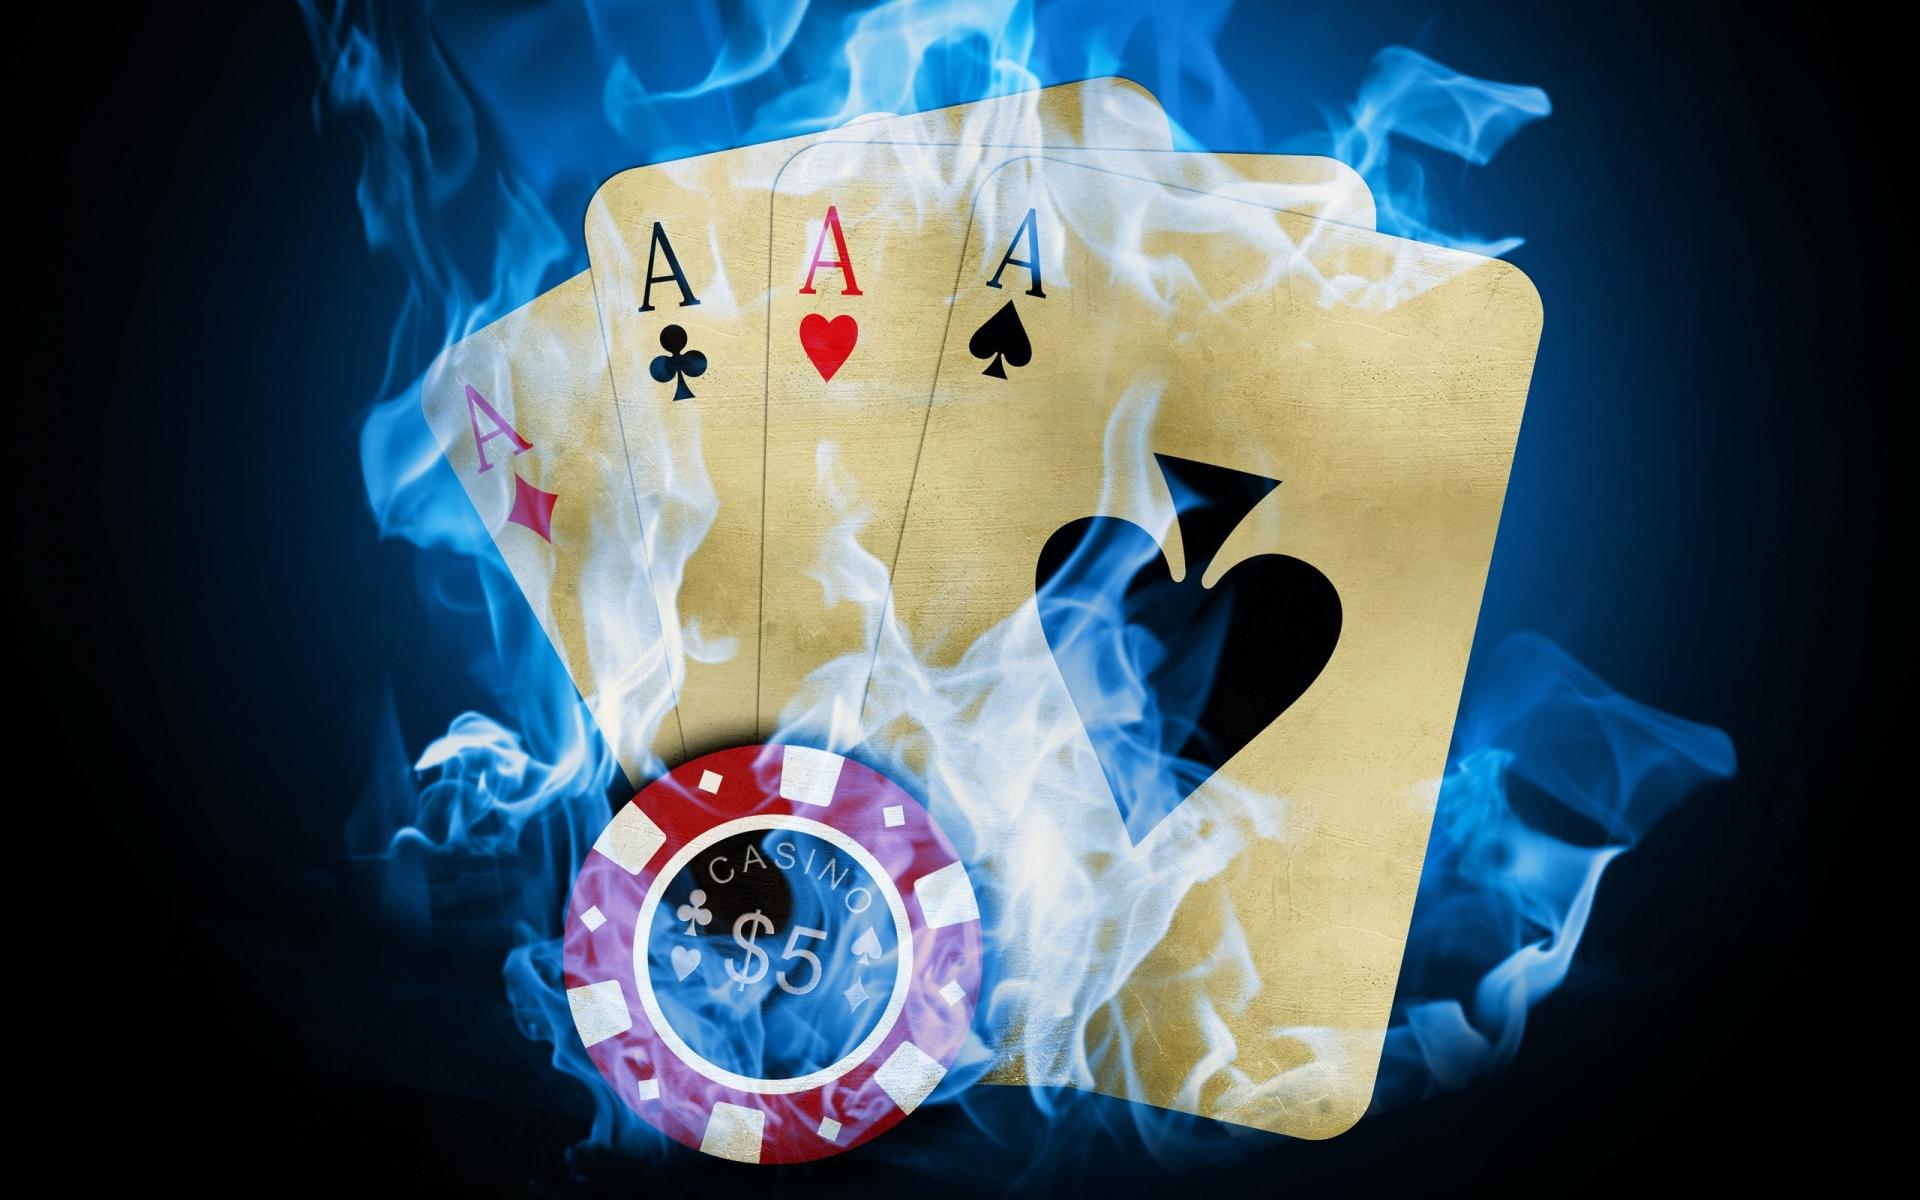 Cards poker chips fire wallpaper 1920x1200 29744 WallpaperUP 1920x1200